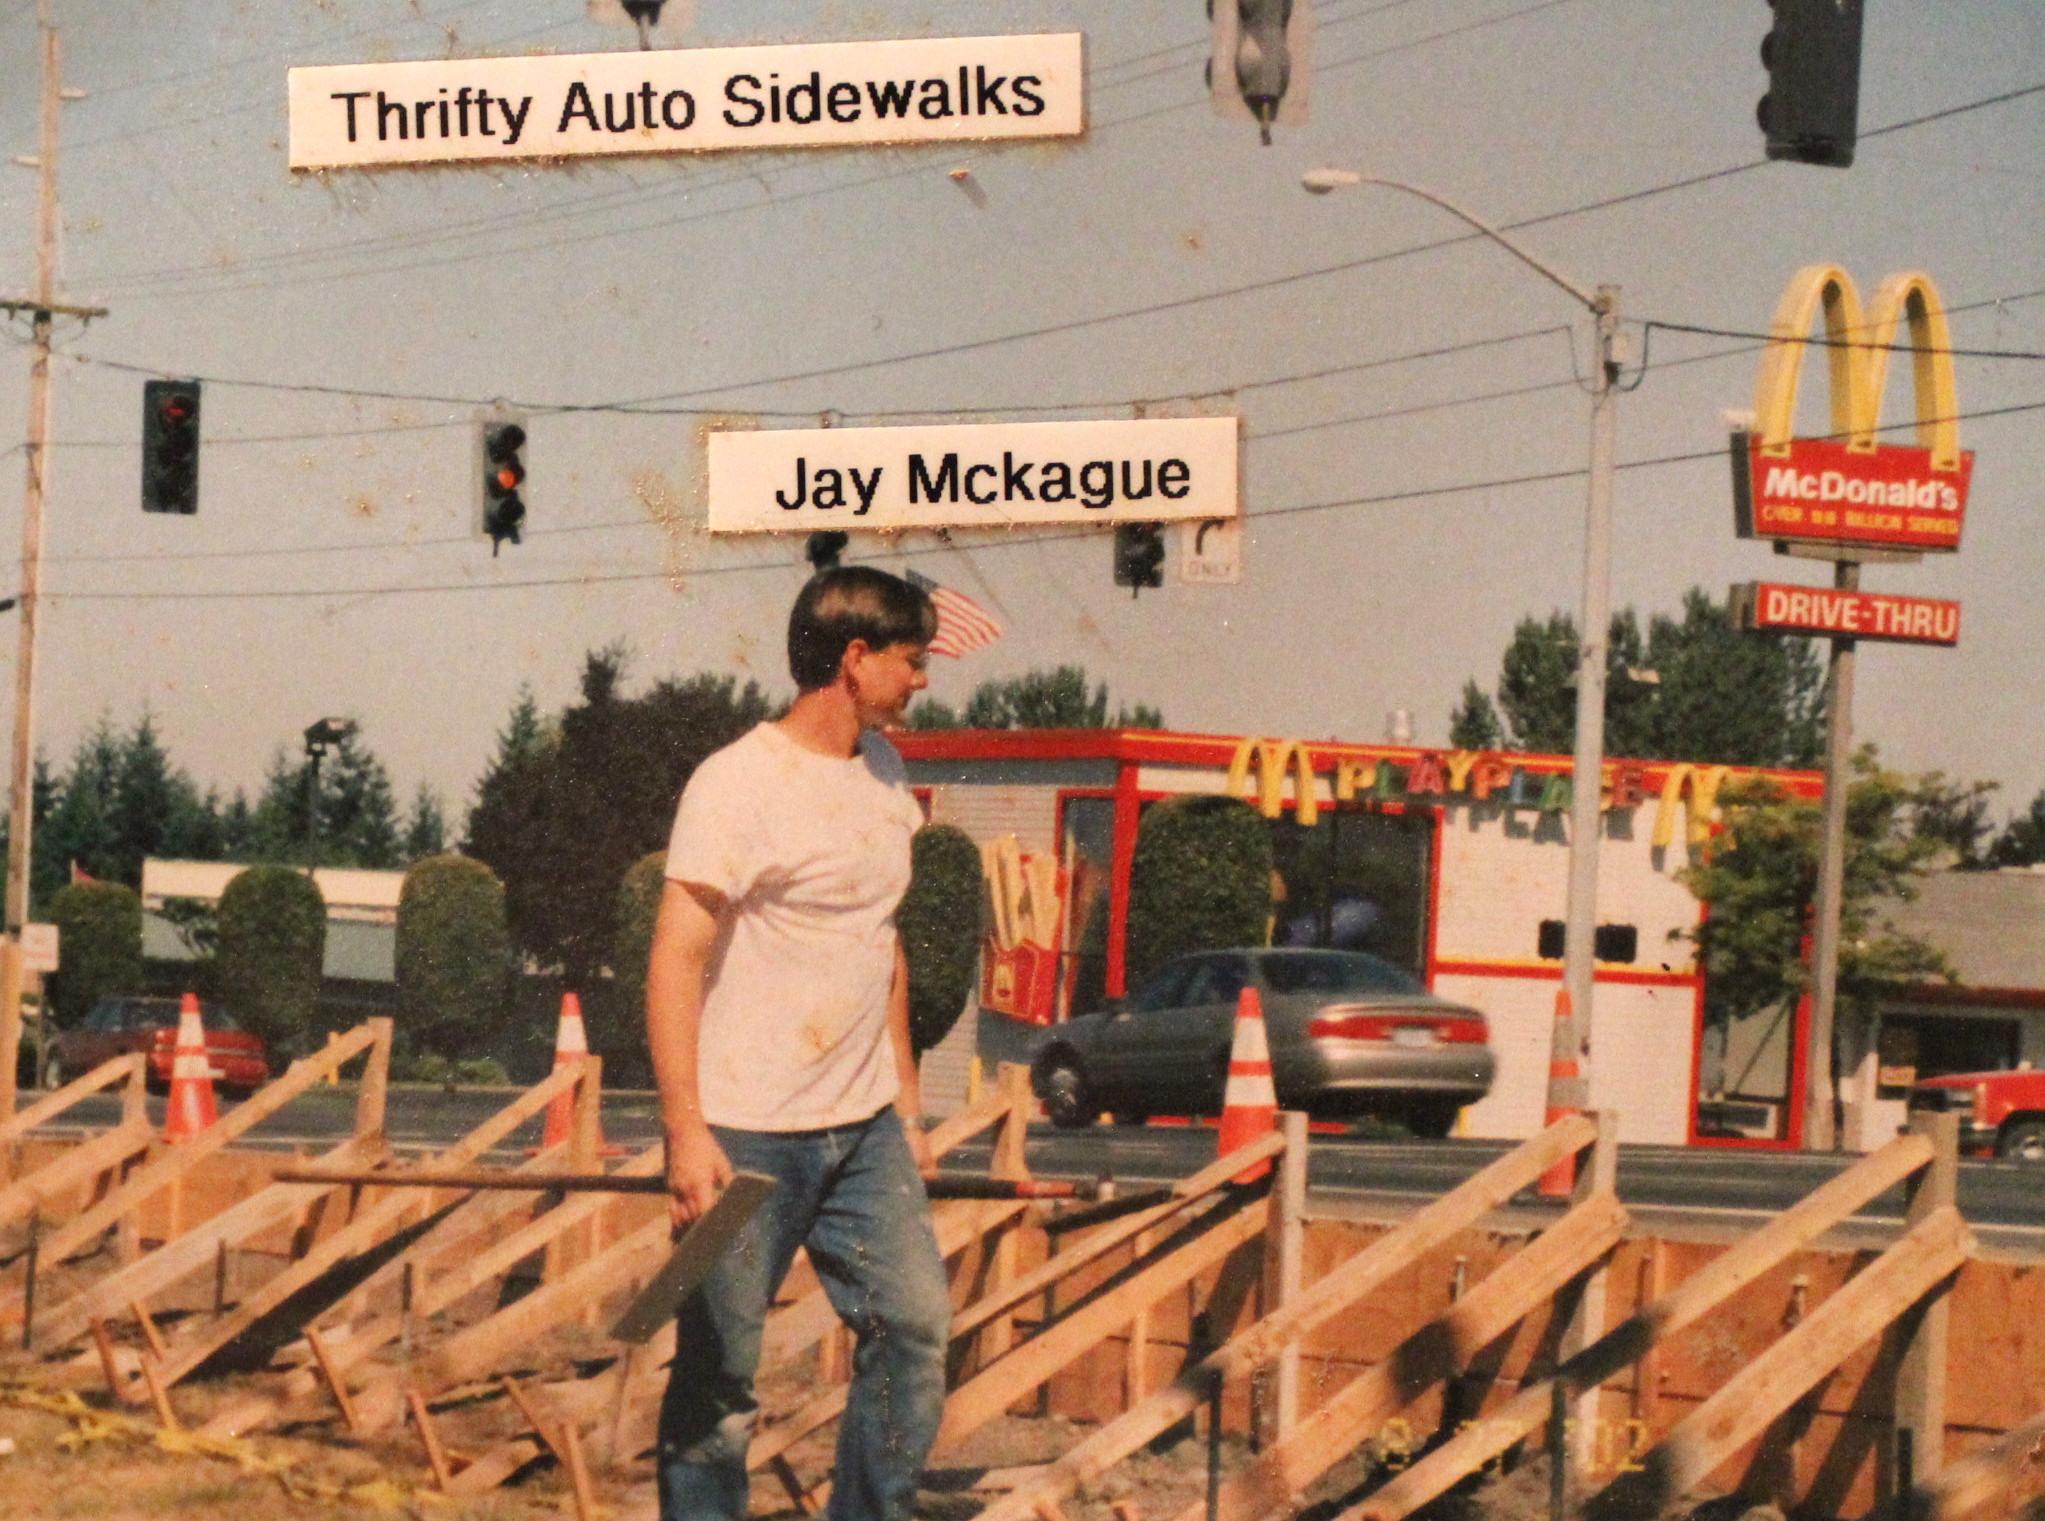 Thrify Auto Sidewalks 2.JPG